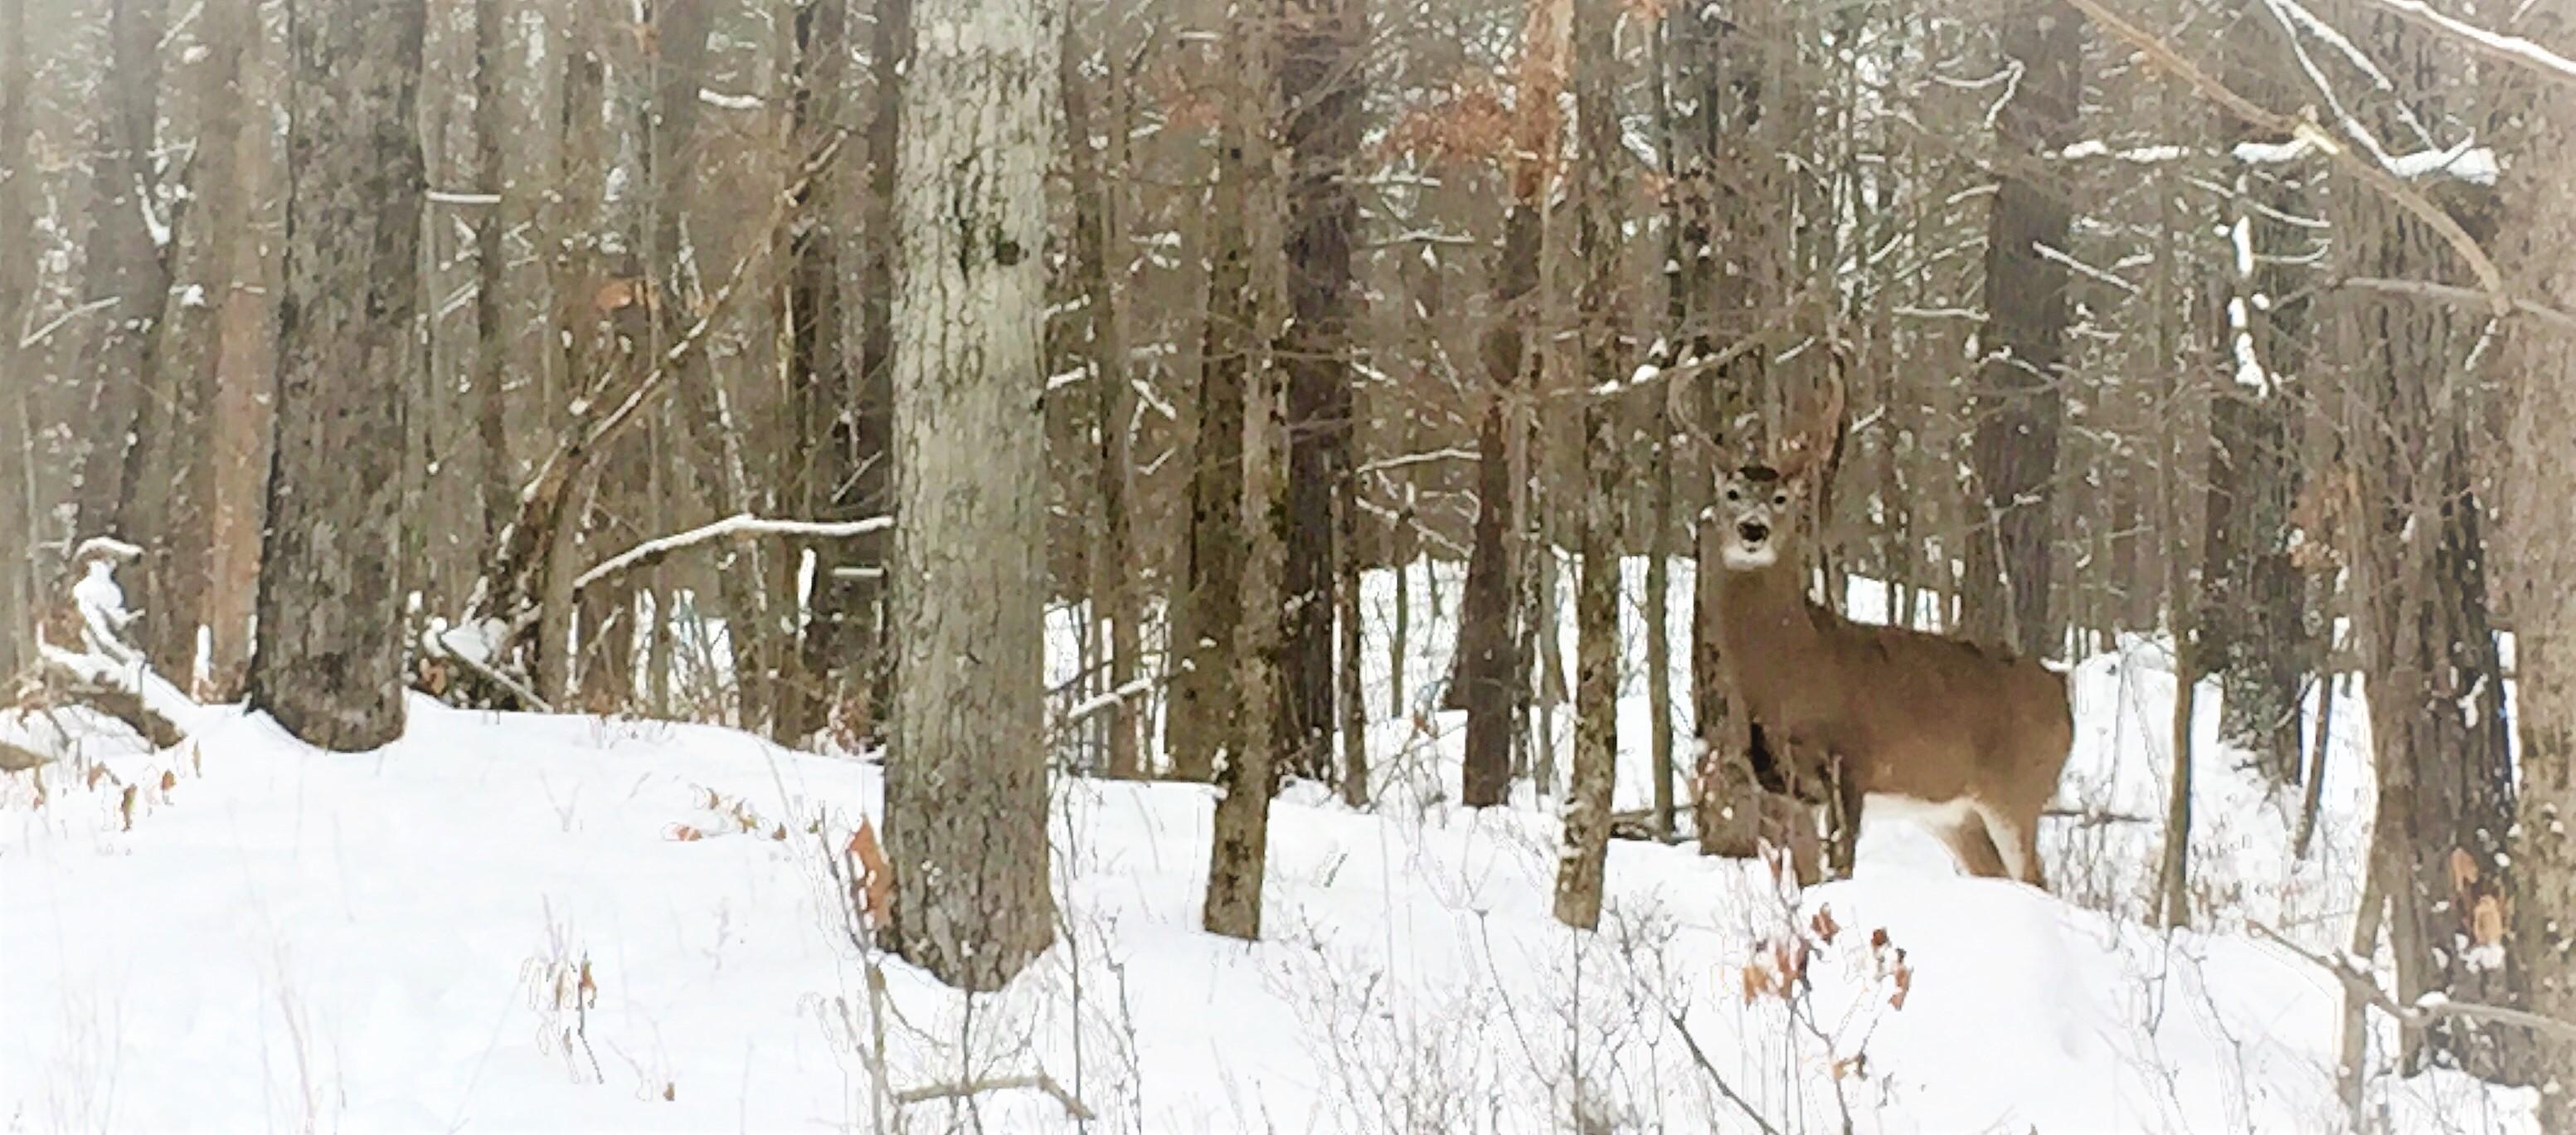 Photo snapped near KLT's Stony Lake Trails